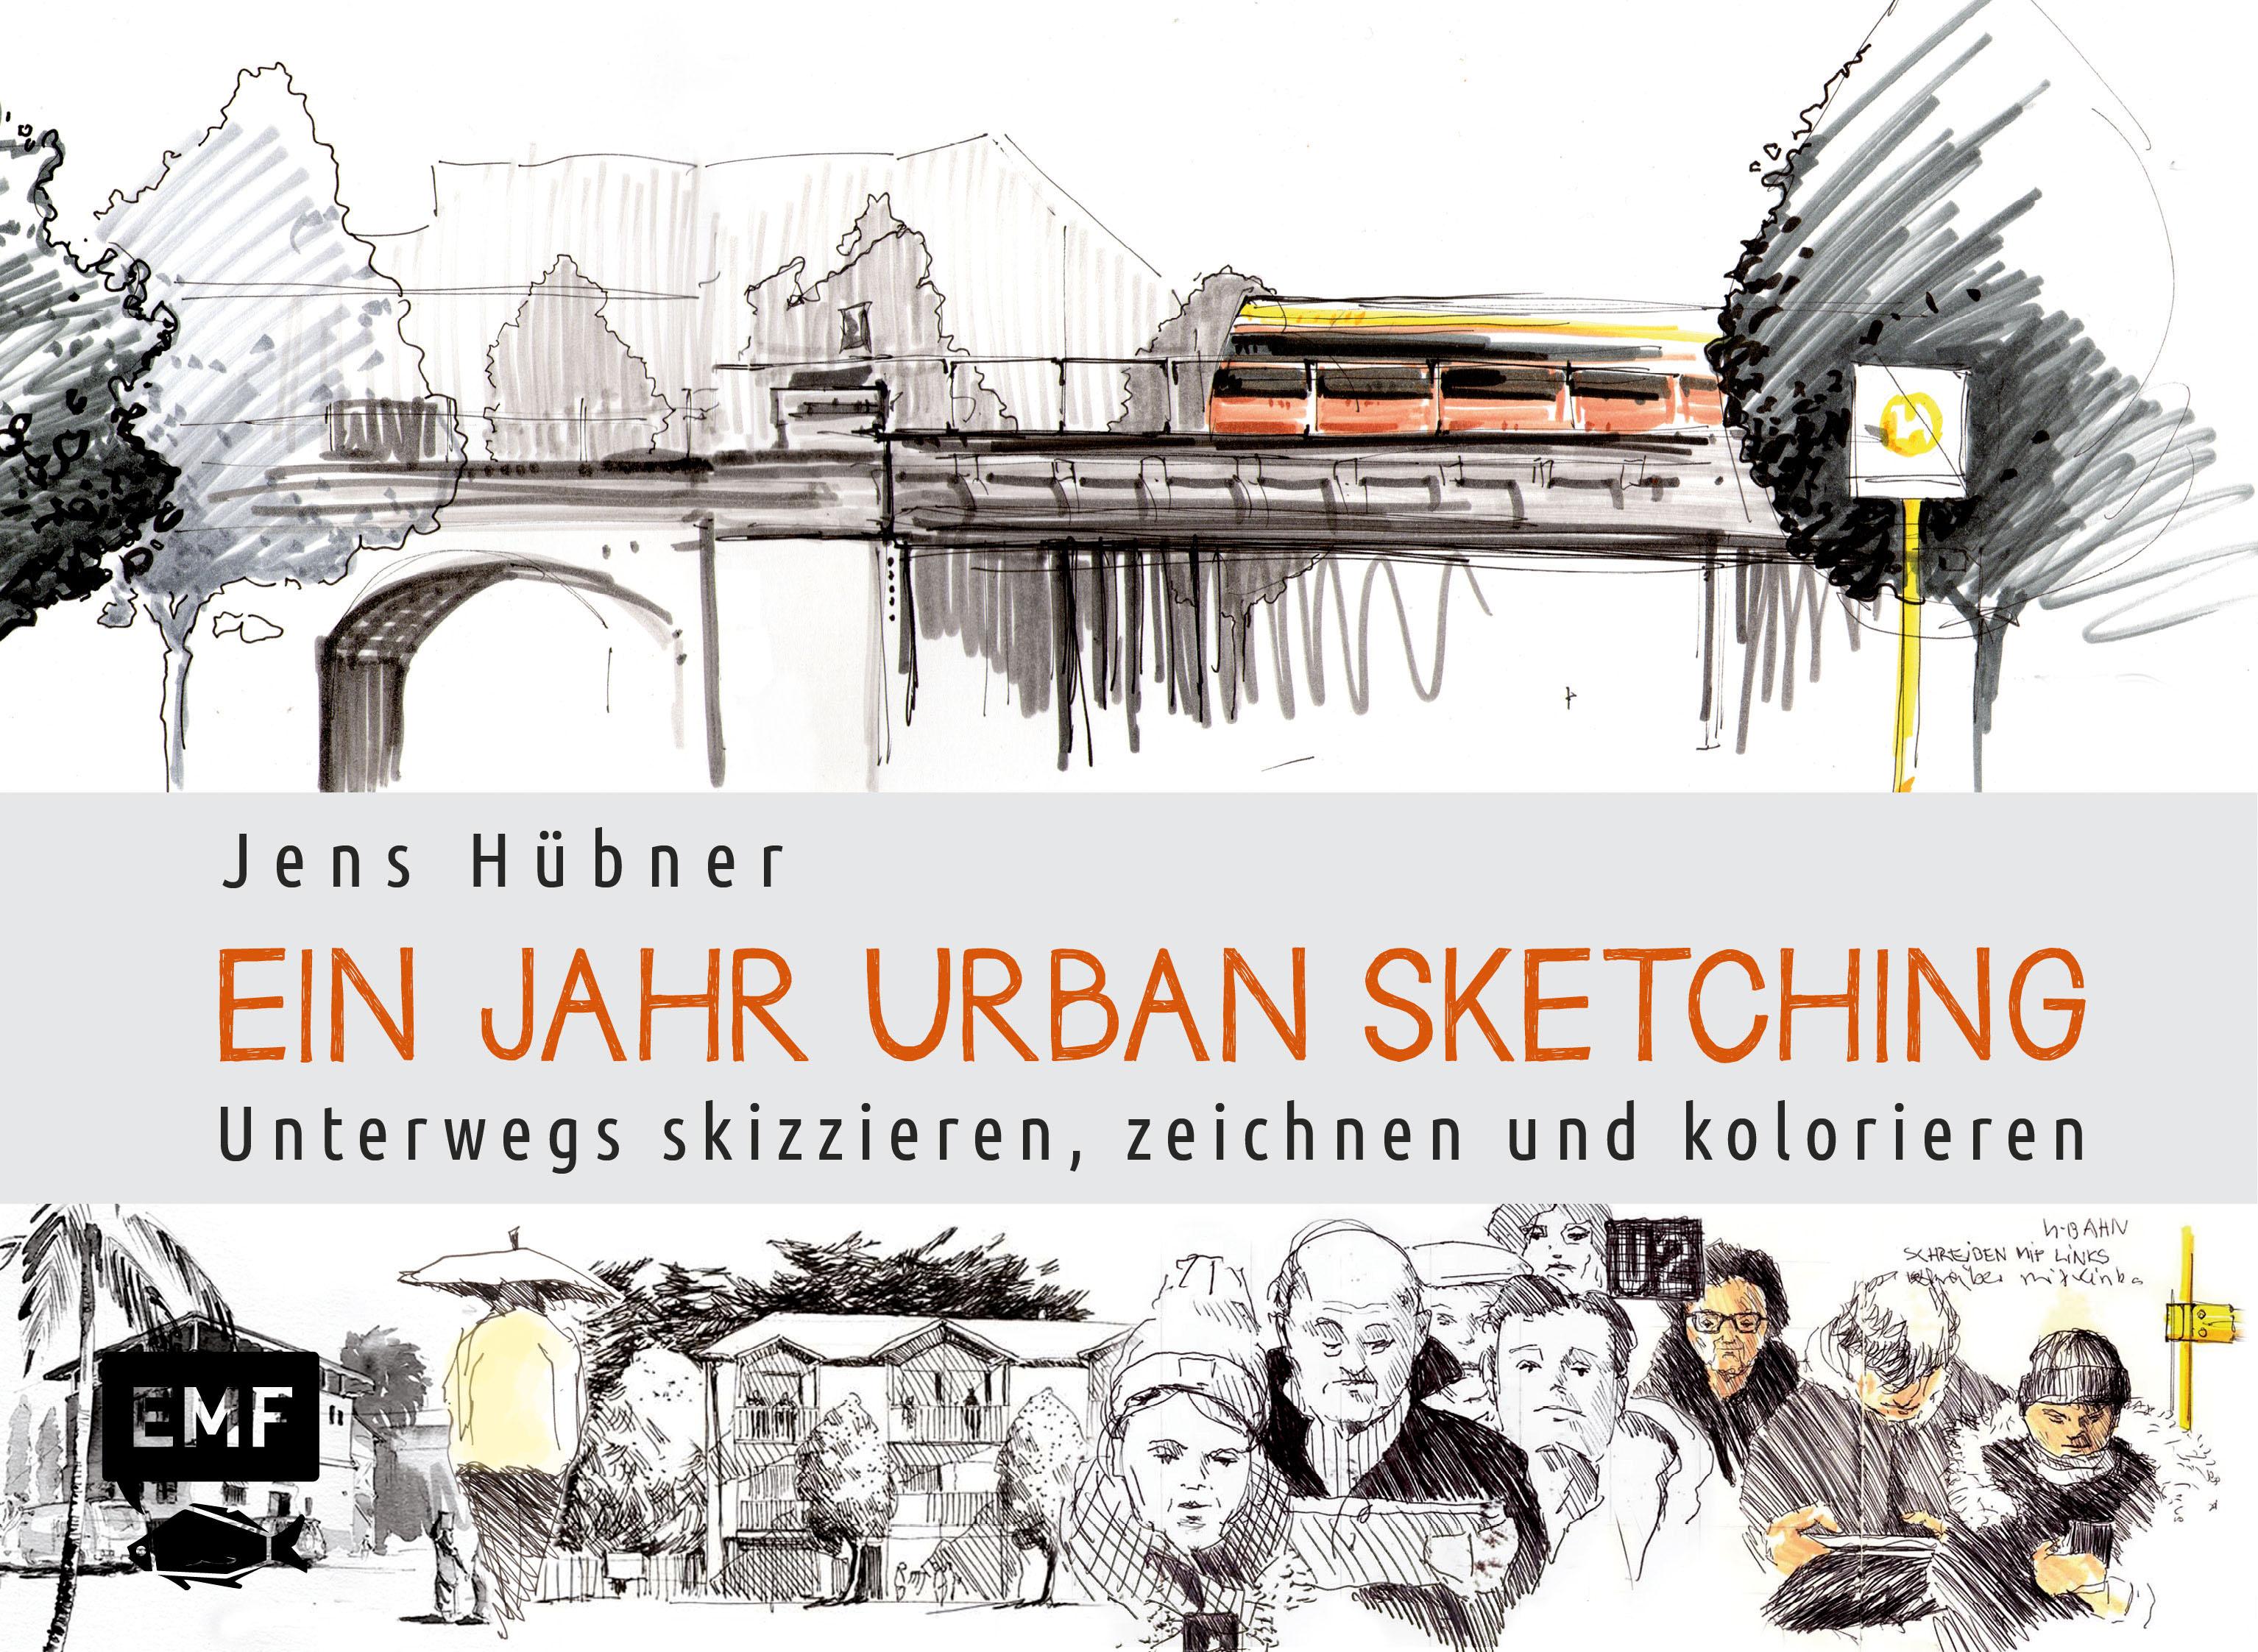 NEU-Ein-Jahr-Urban-Sketching-Jens-Huebner-553081